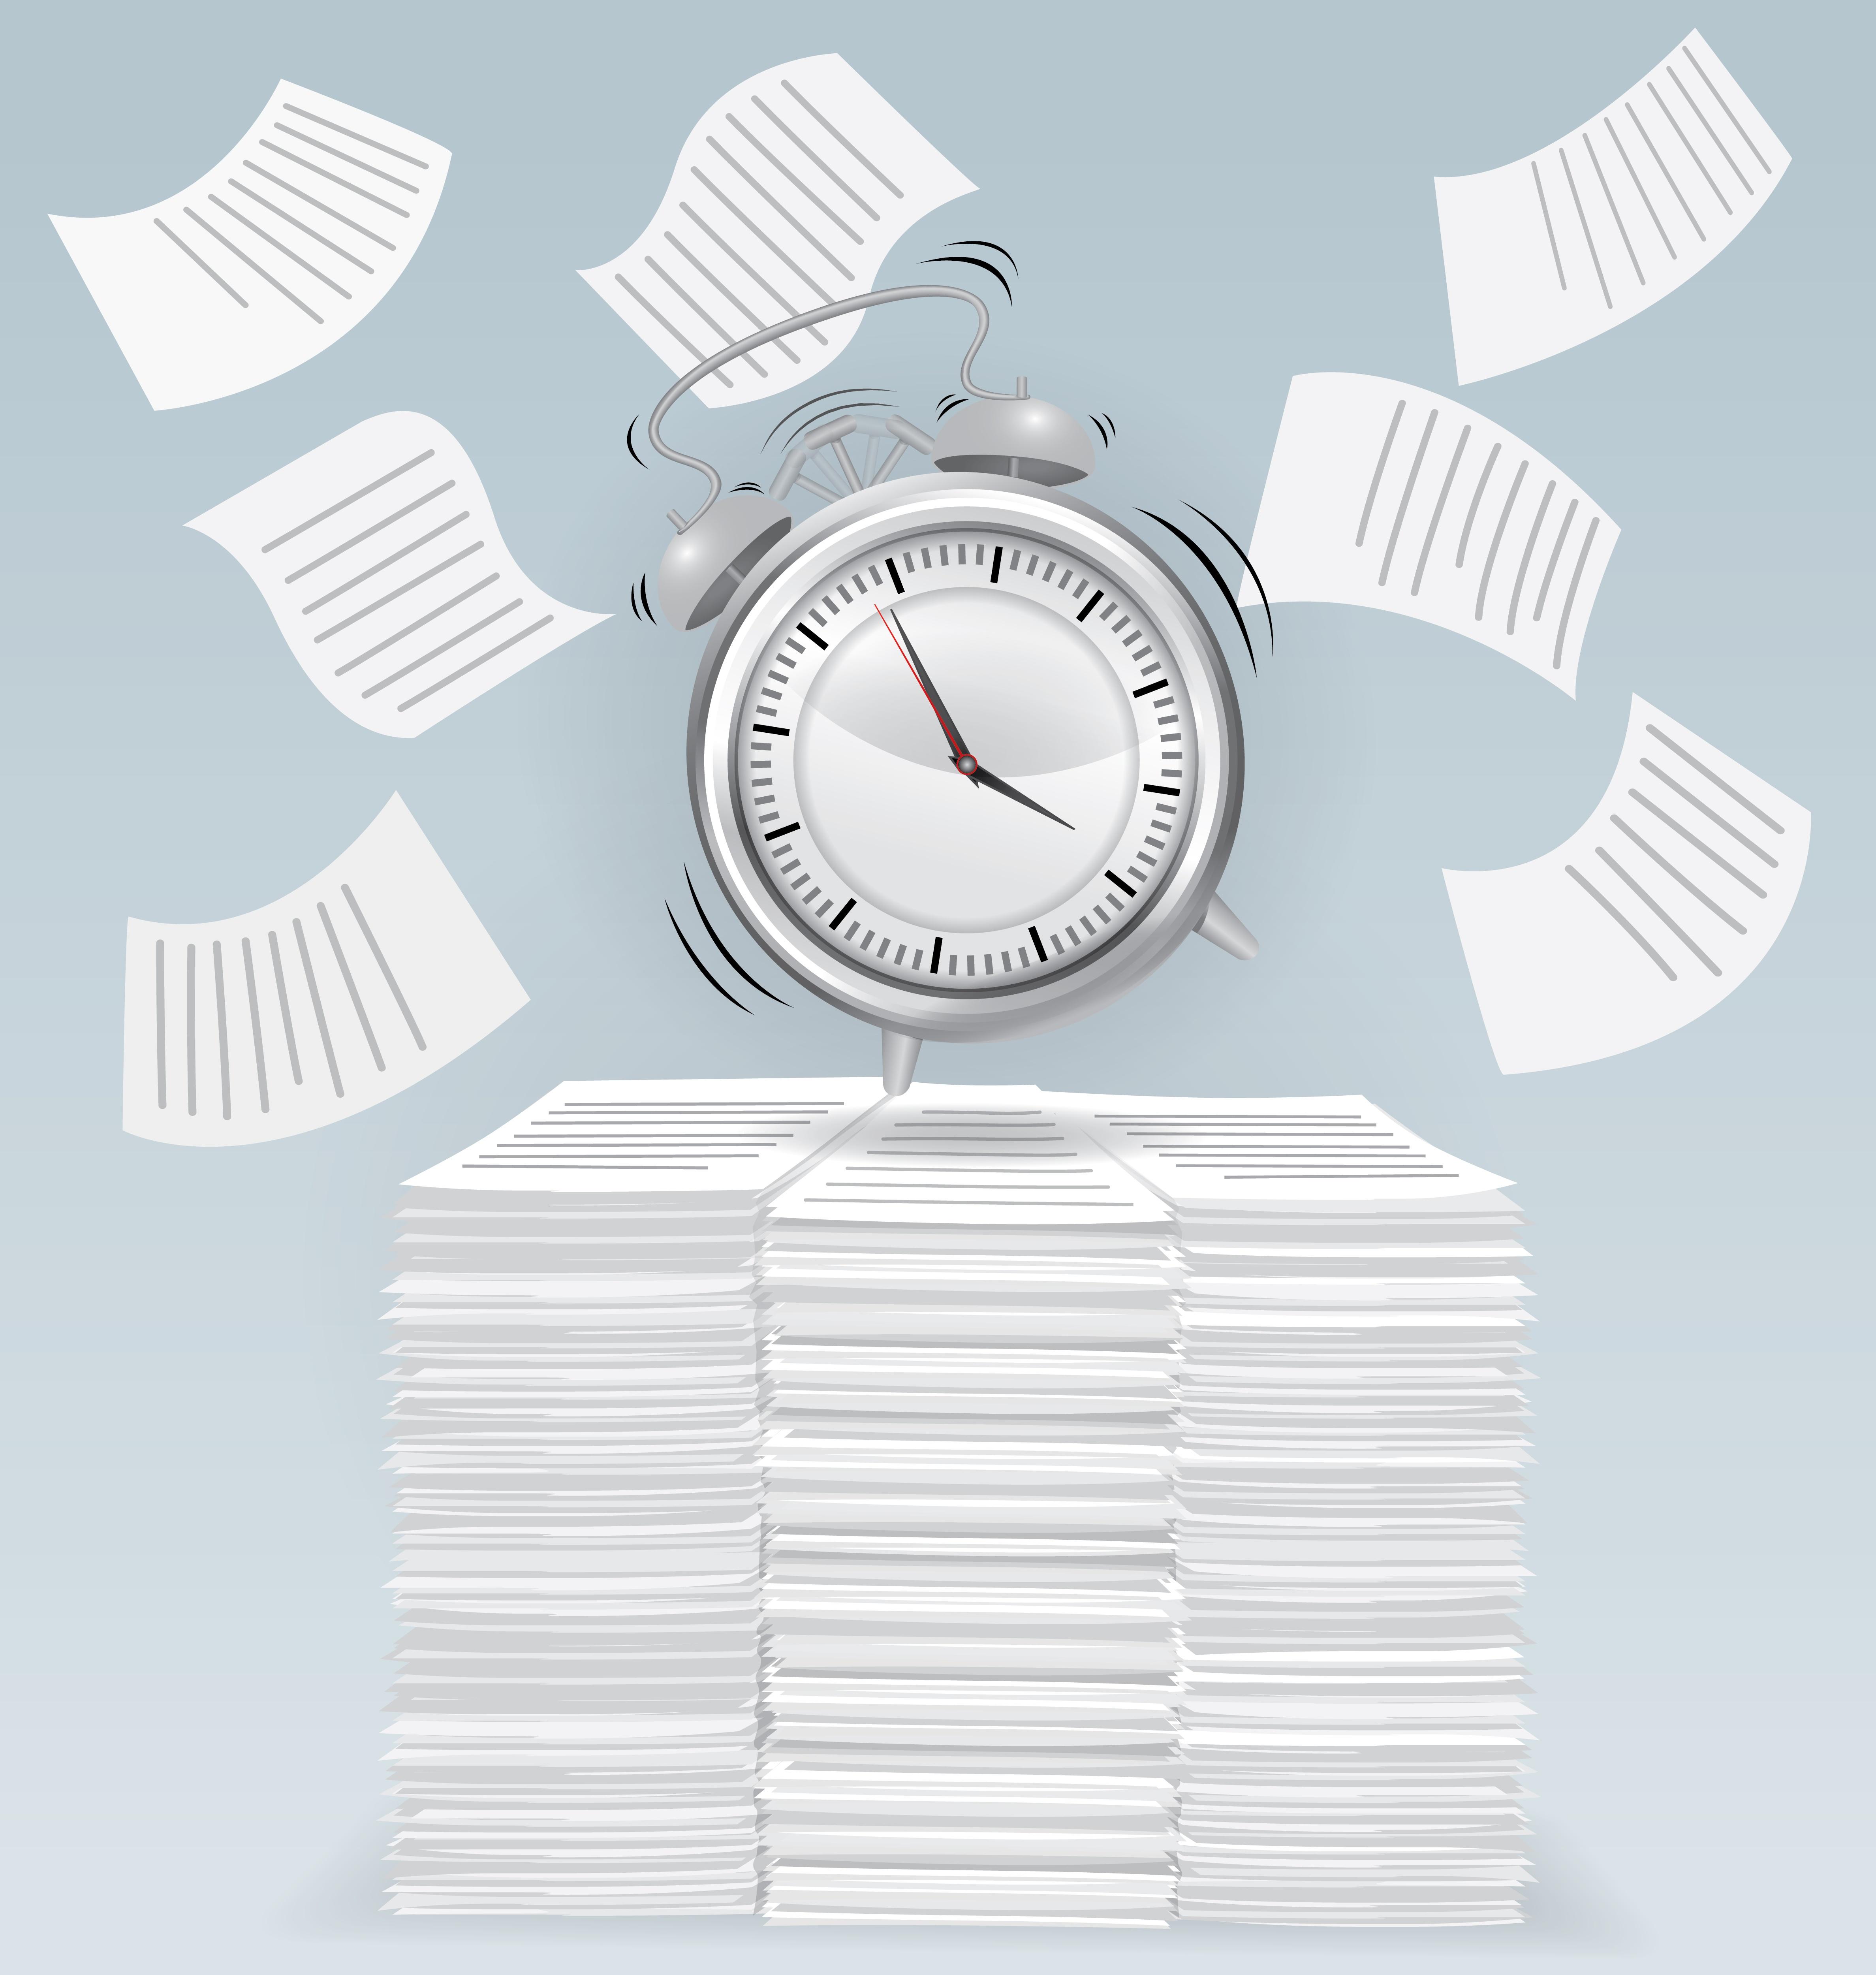 Eliminate Paper Enrollment